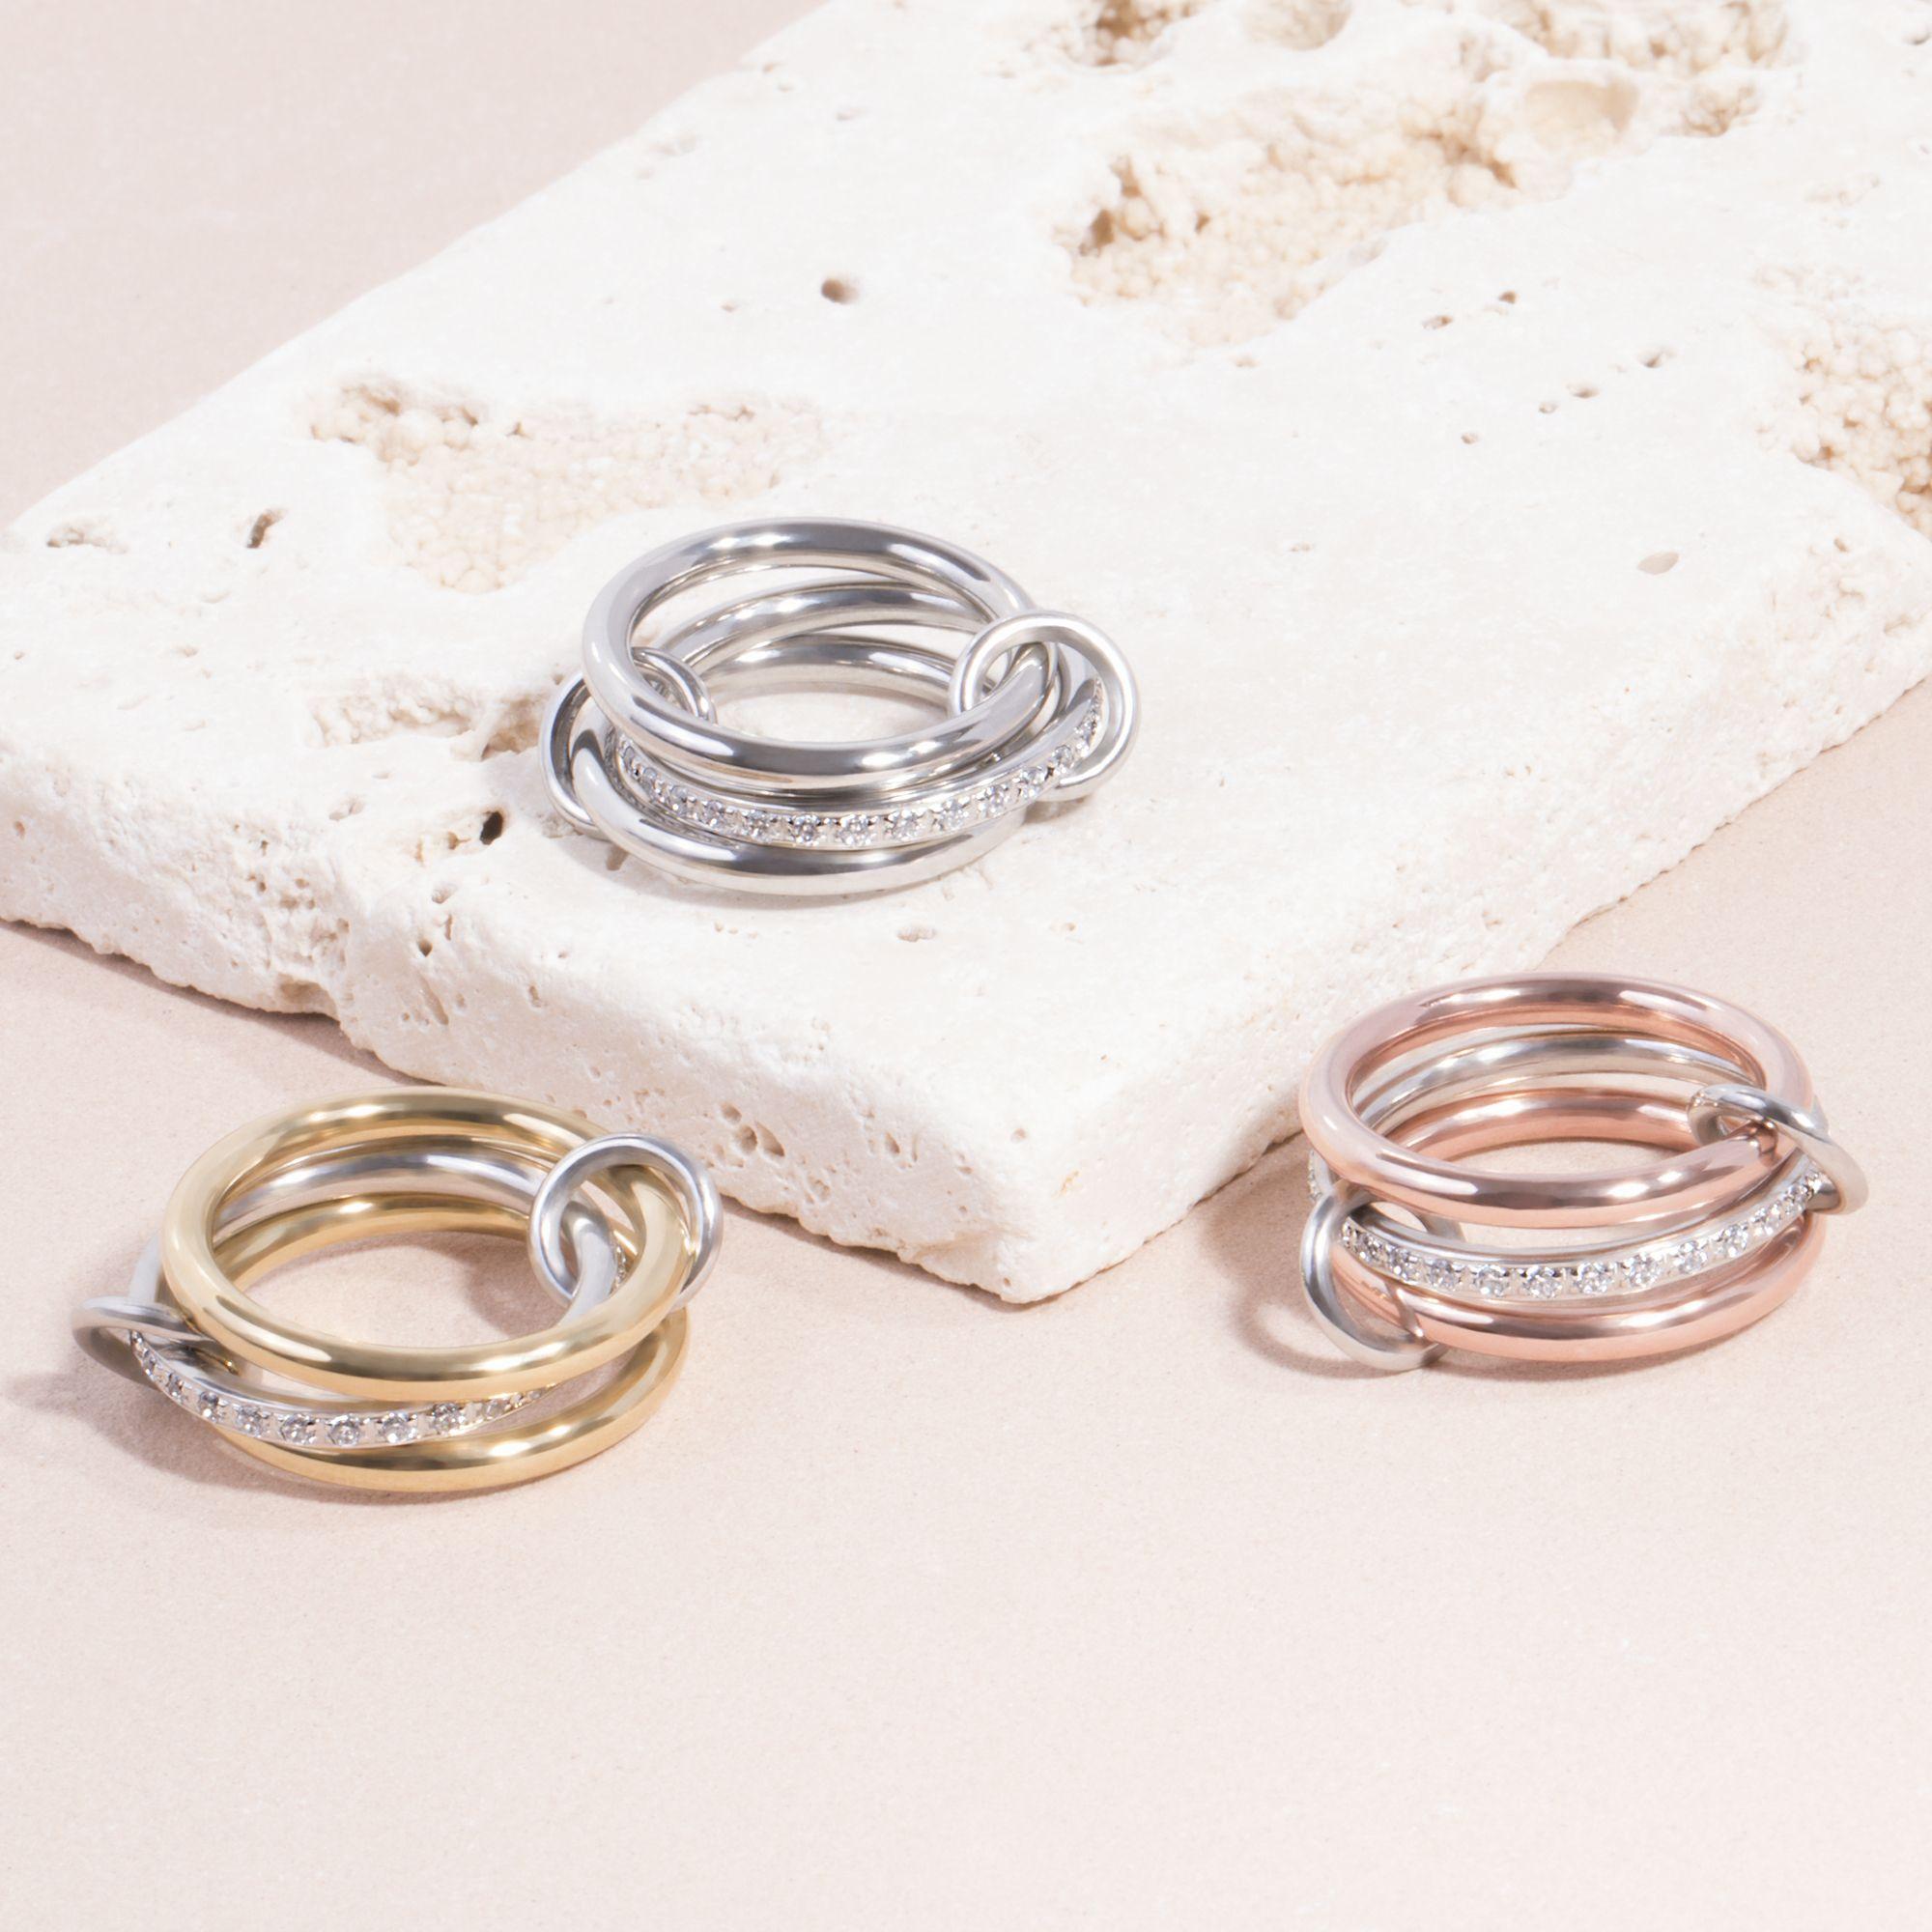 Mia Jewelry_Anel hoops com zircónias cúbicas em aço_ PVP 42€, dourado e rose gold_ PVP 44€